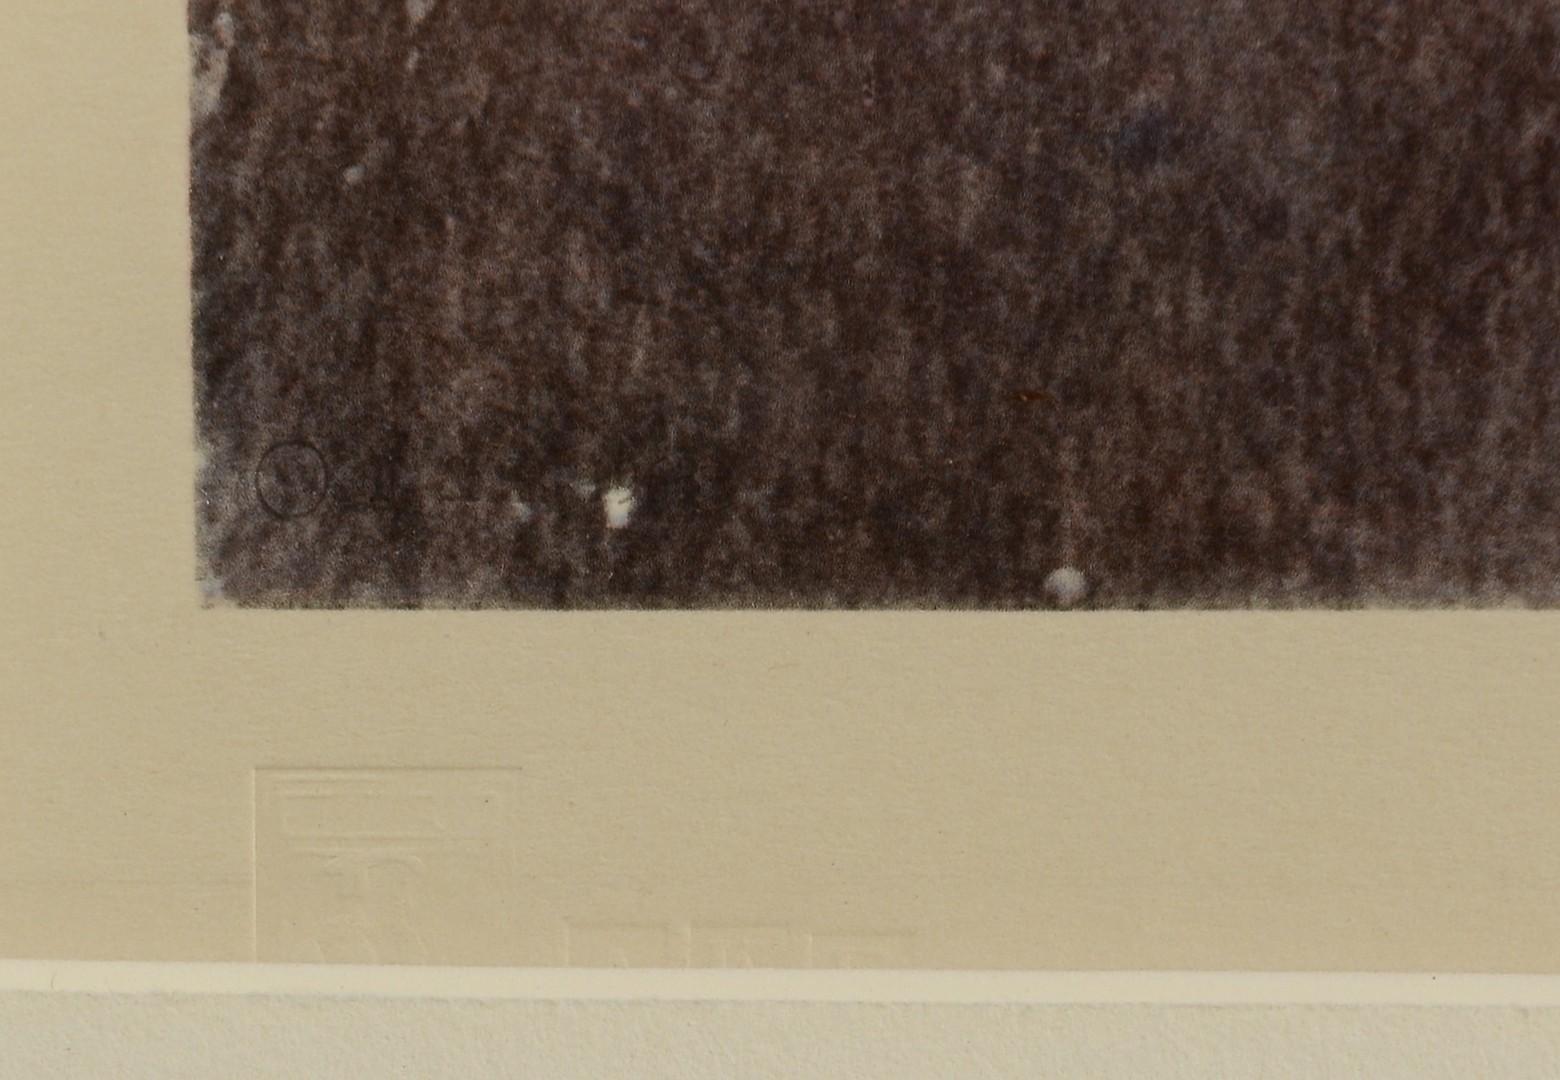 Lot 561: Sir Wm. Russell Flint Lithograph